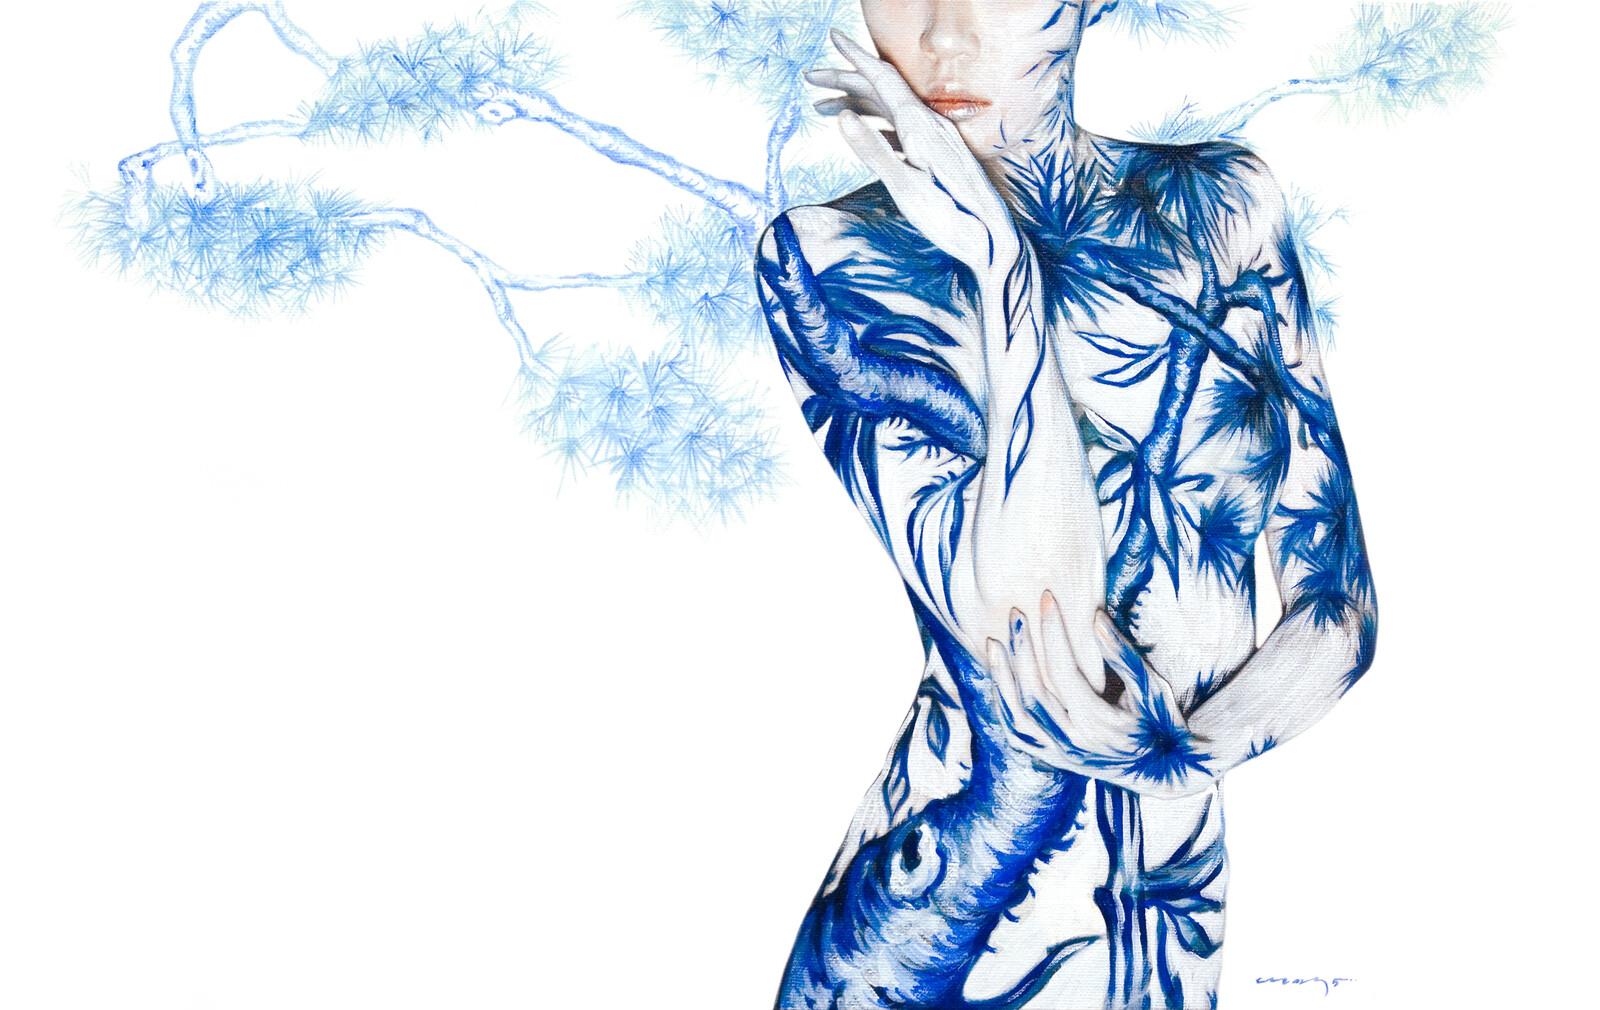 Blue White Porcelain 04 - Dallae Bae